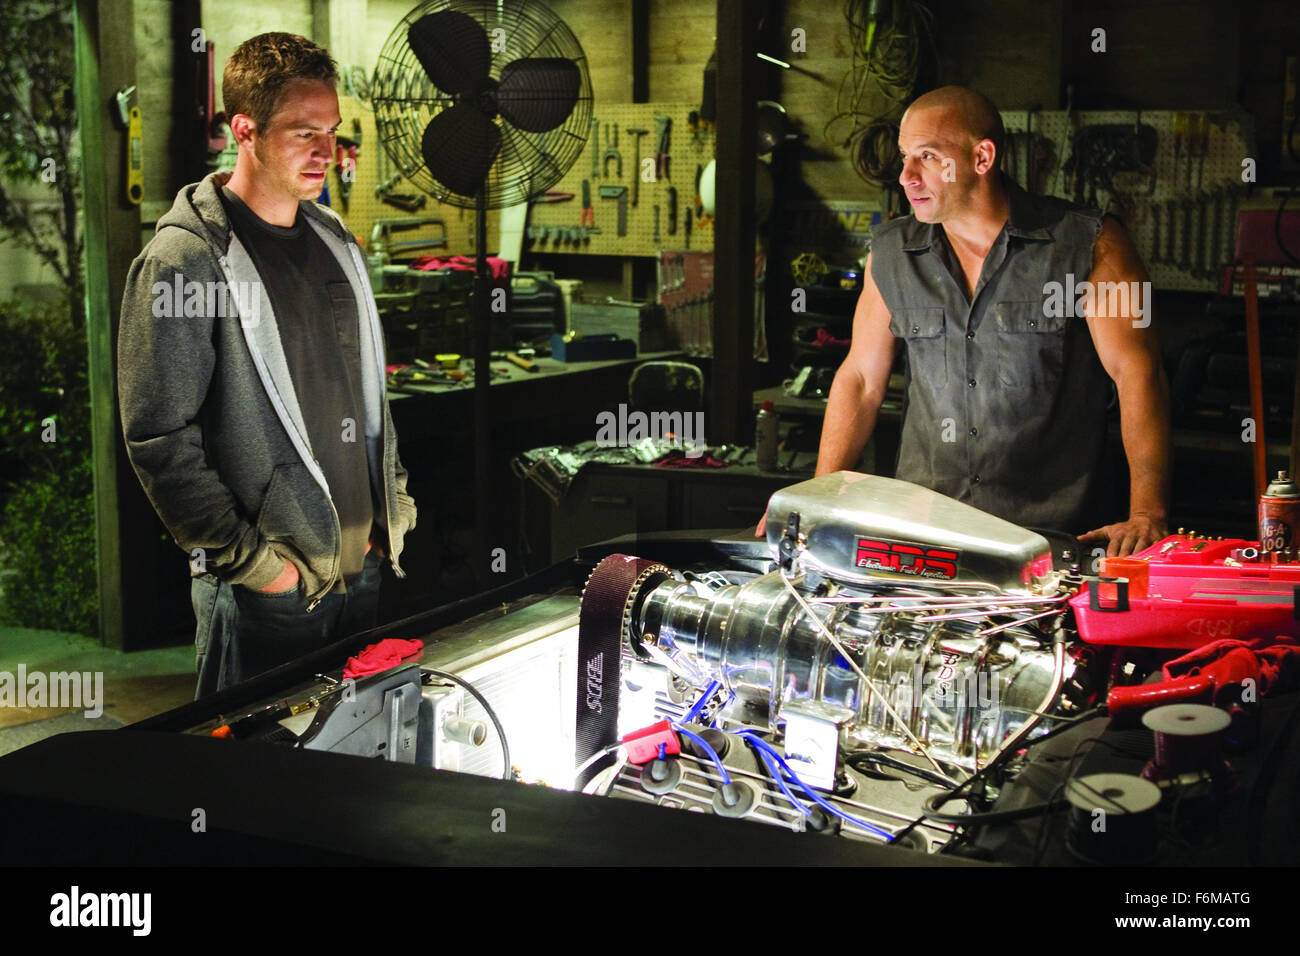 PAUL WALKER and Vin Diesel..'Fast & Furious' Film - 2009. Stock Photo